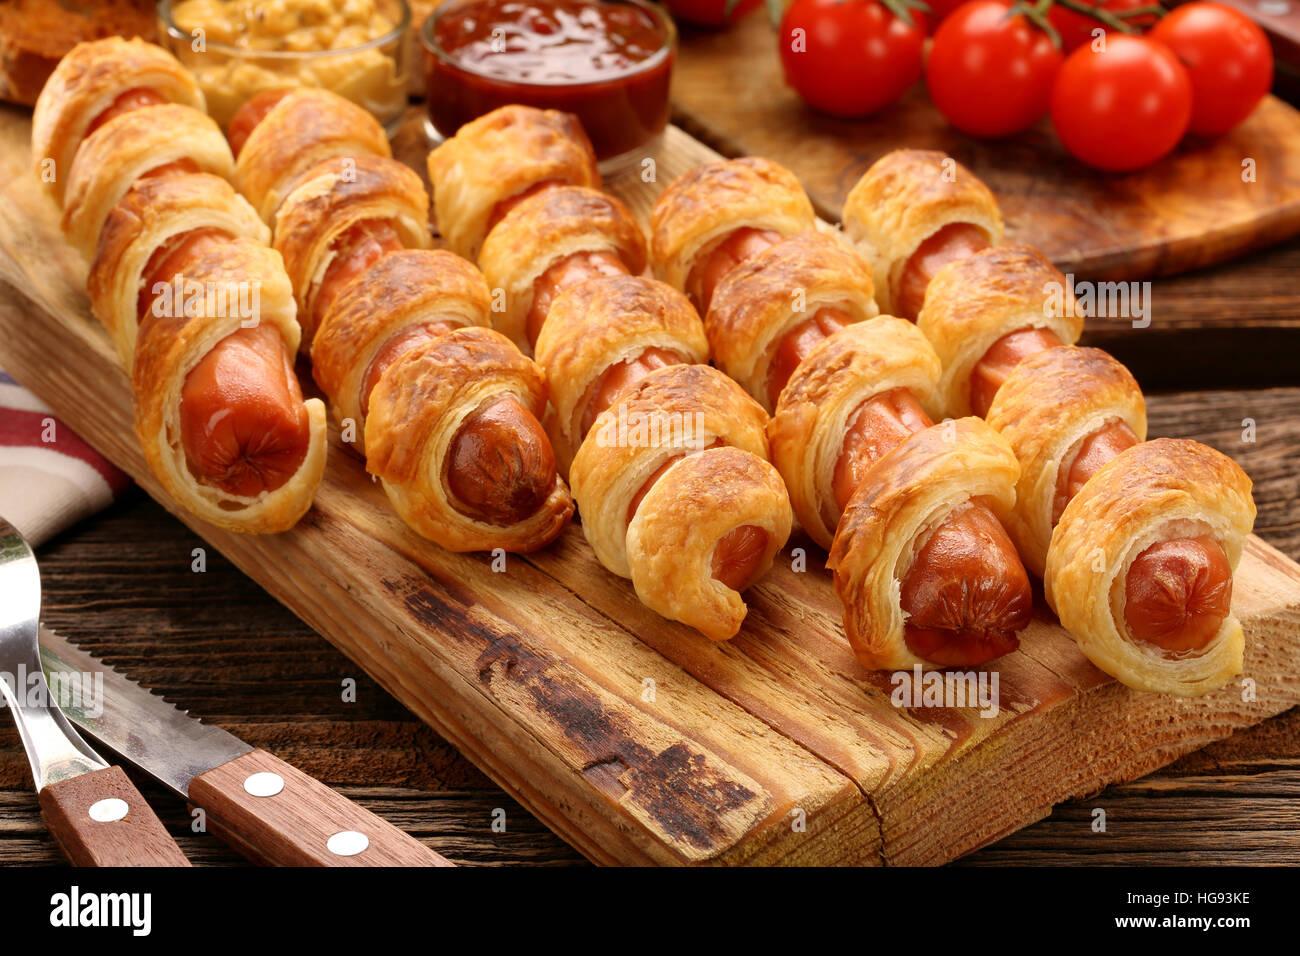 Les saucisses hot-dog laminées en feuilleté au four sur fond de bois Photo Stock